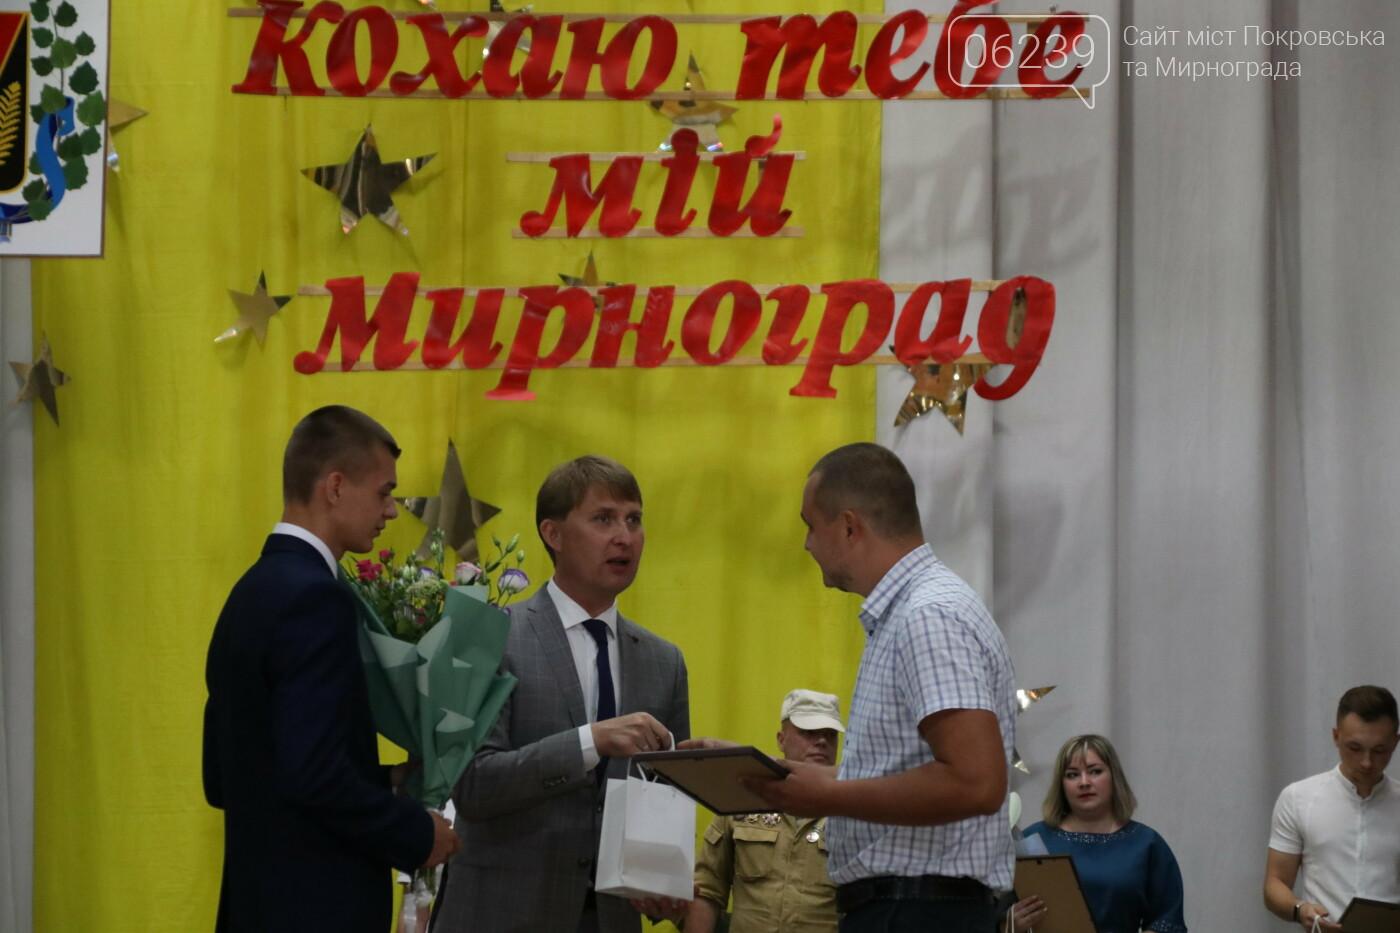 Жителей Мирнограда поздравили с Днем шахтера и Днем города, фото-8